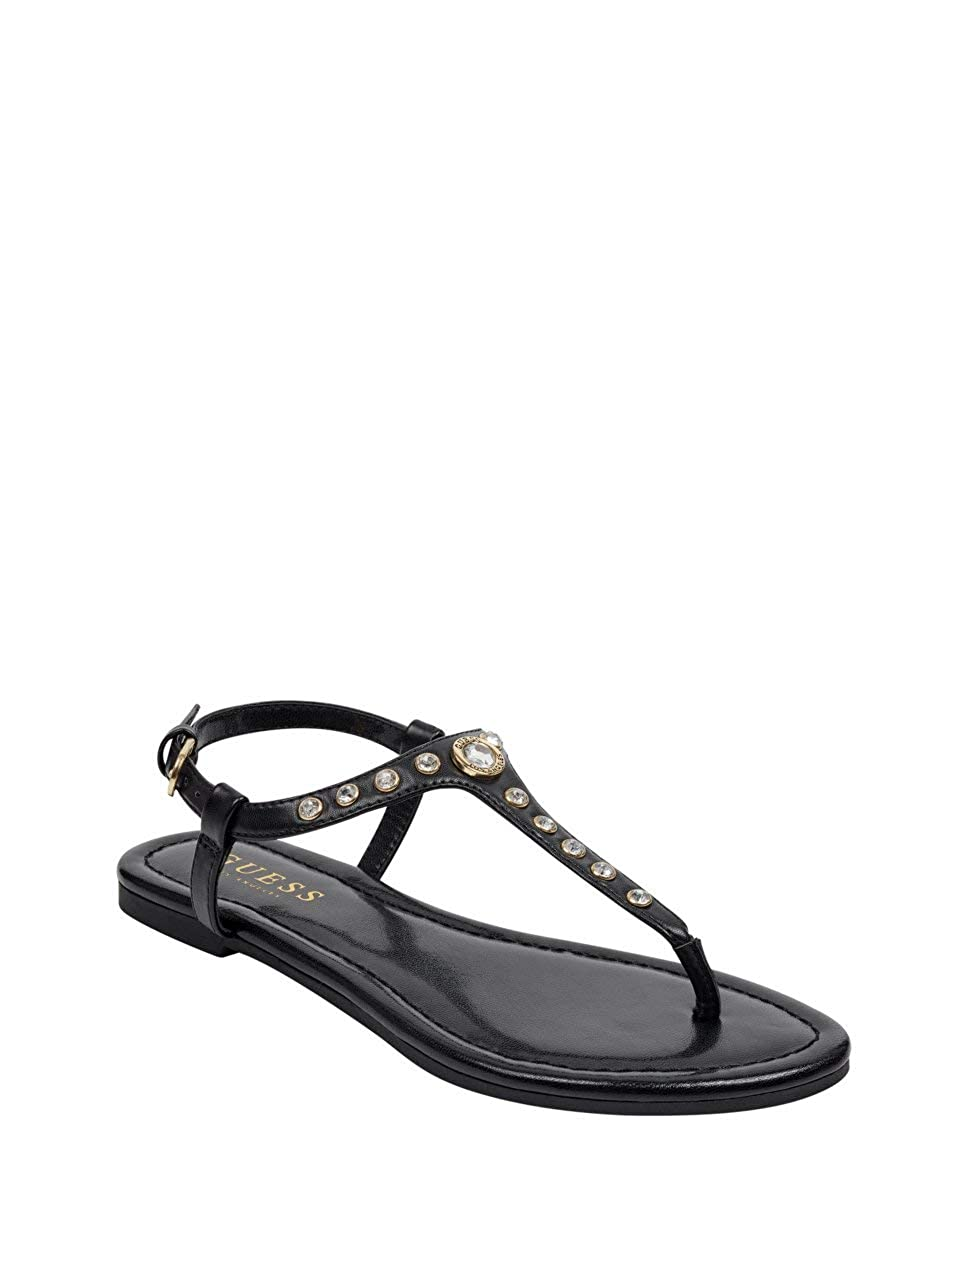 4e2d6e8afc0a4 Amazon.com | GUESS Factory Women's Loveset T-Strap Sandals | Sandals